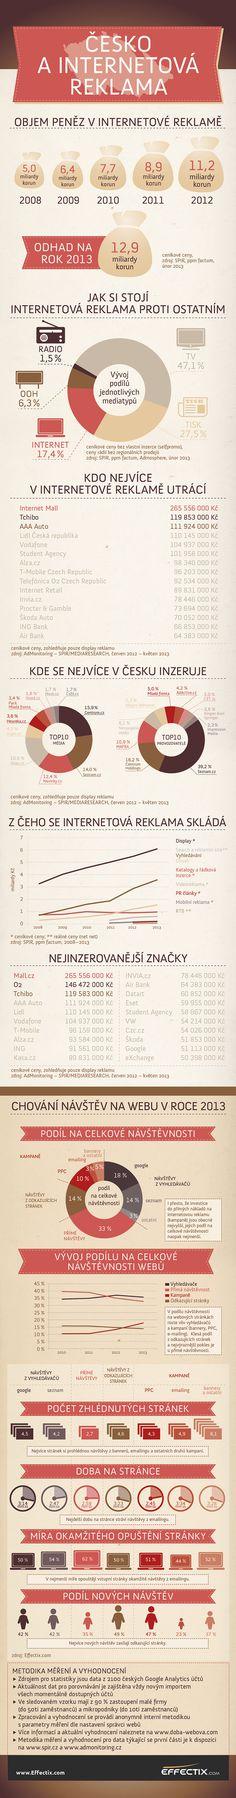 Infografika: Česko a internetová reklama. V celkovém reklamním mixu má internetová reklama 17,4% podíl. Kdo jsou její největší hráči? Co všechno patří do internetové reklamy a odpovídá výše investice počtu návštěvníků na firemních webových stránkách? Jsou návštěvníci webu z těchto zdrojů skutečně potenciálními zákazníky?